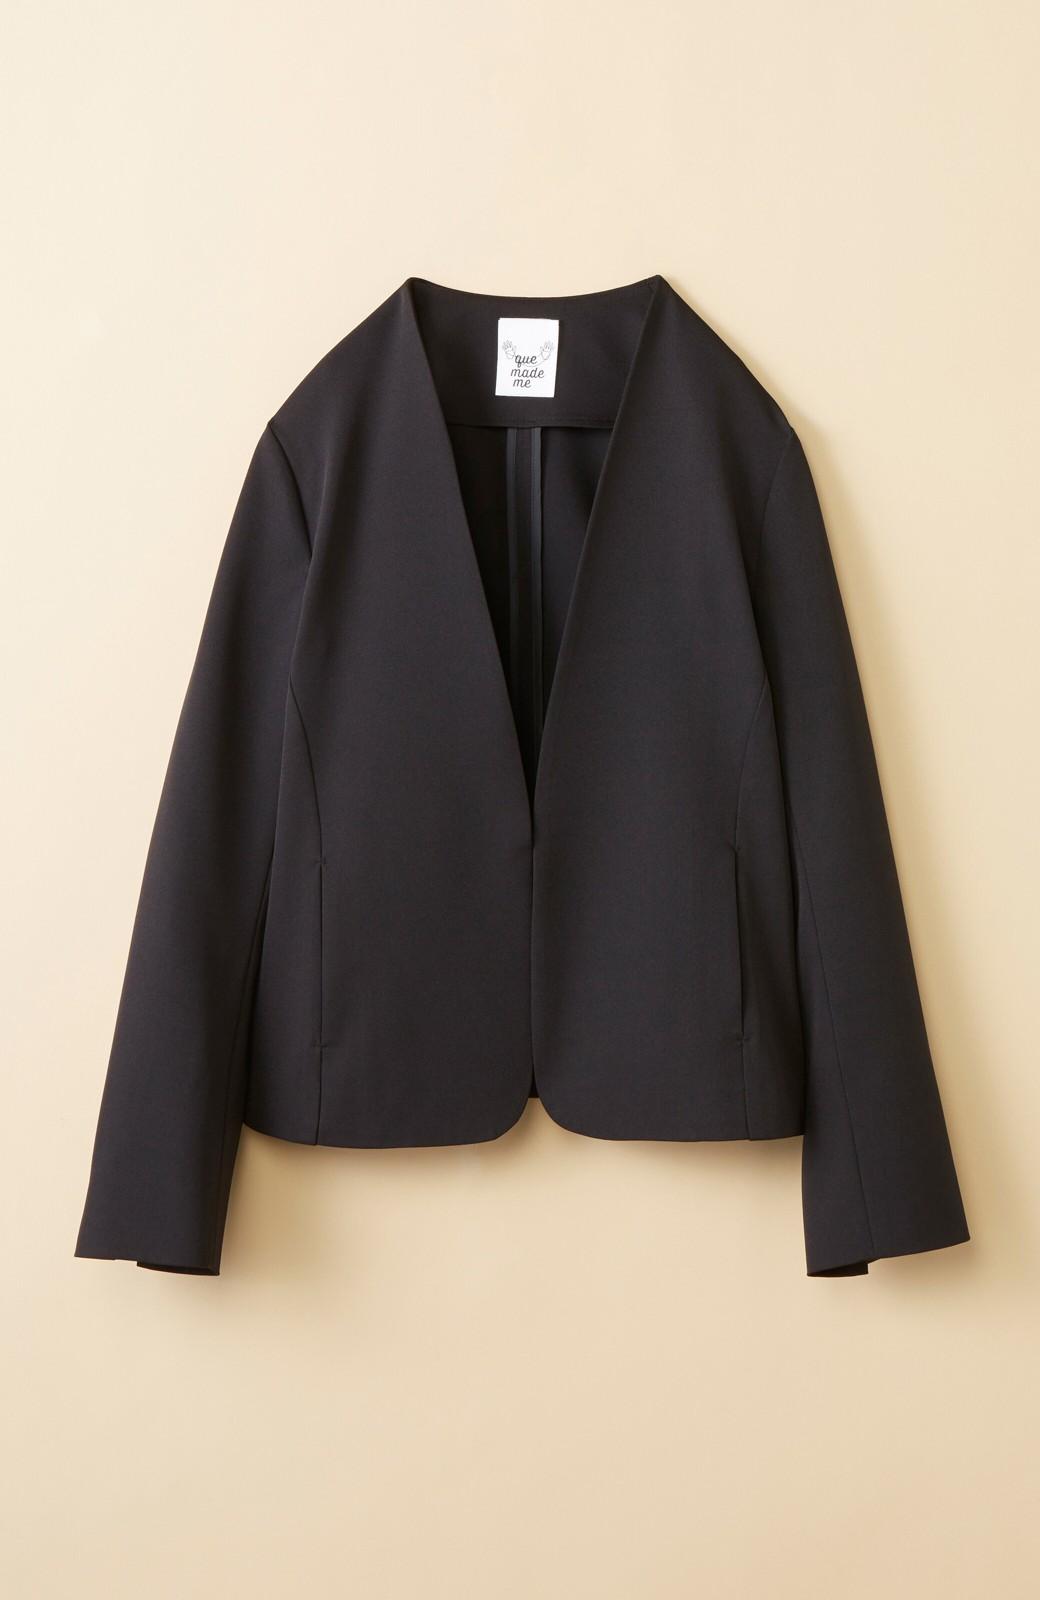 haco! いざというとき困らないための 大人のフォーマルジャケット・スカート2点セット by que made me <ブラック>の商品写真3